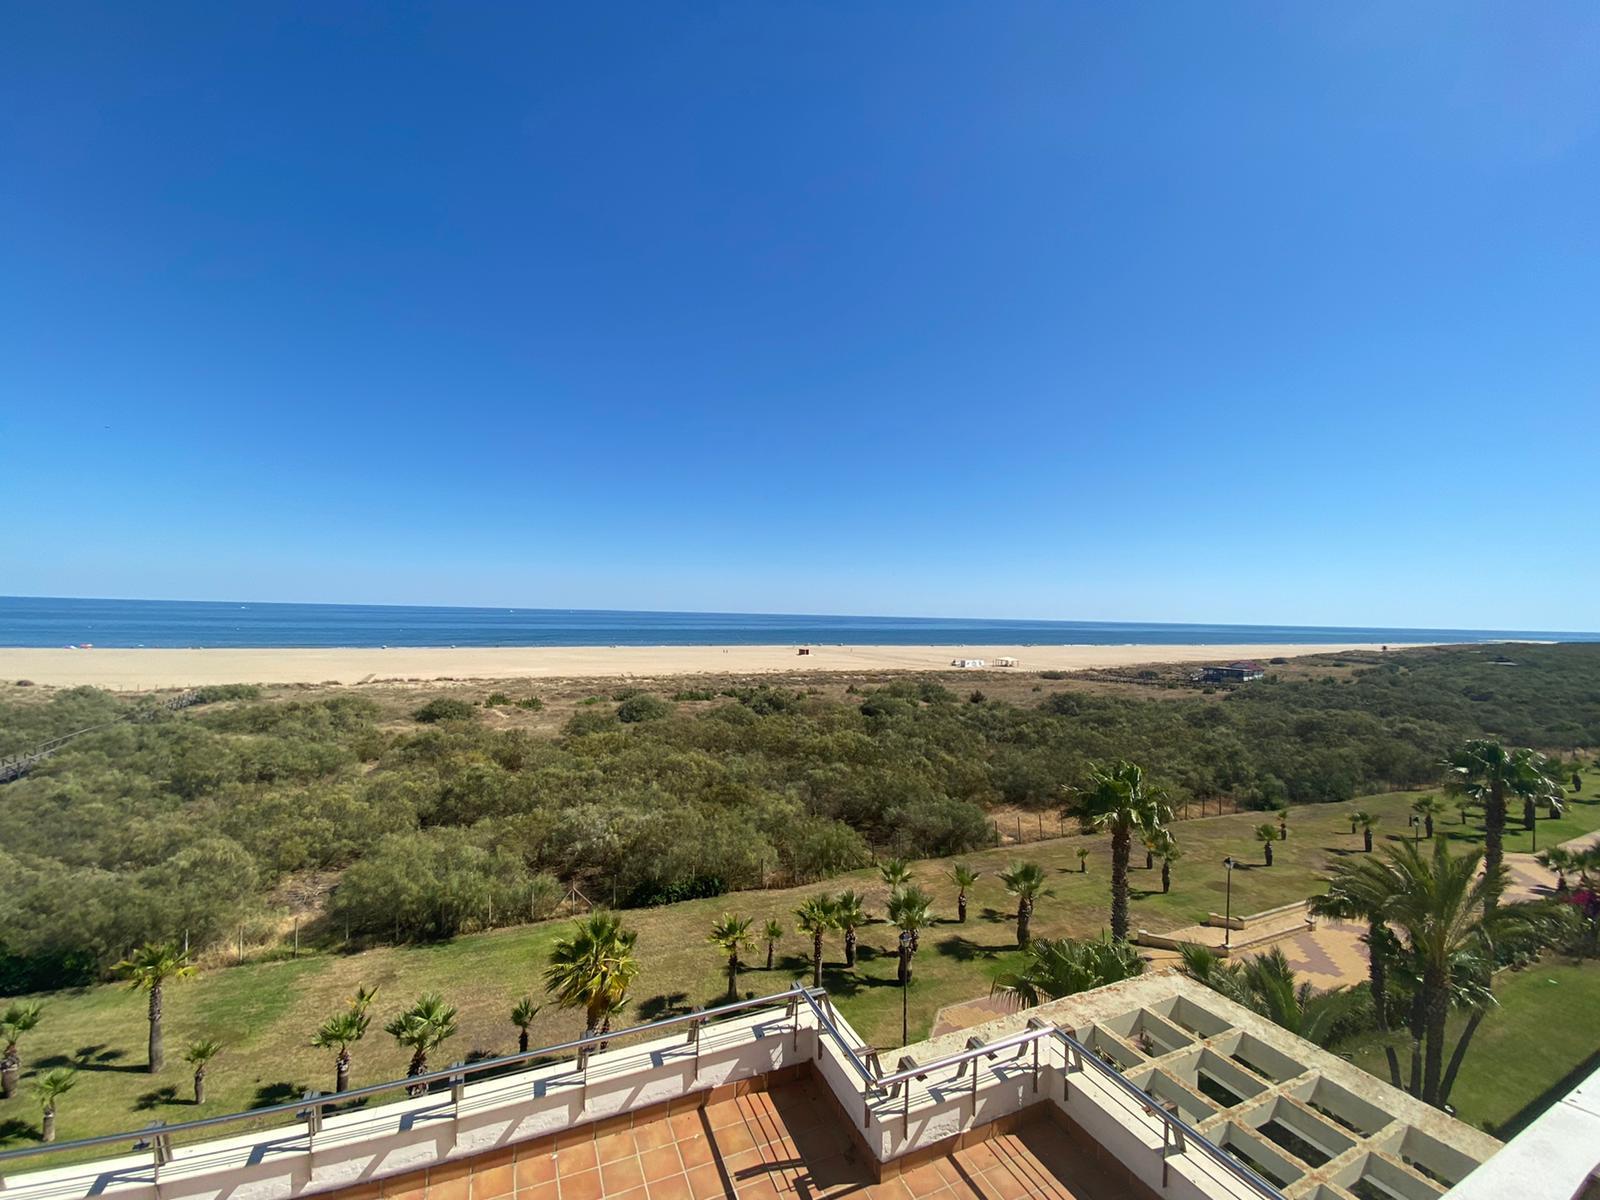 Imagen 52 del Apartamento Turístico, Ático 3 Levante, Frontal (4d+2b), Punta del Moral (HUELVA), Paseo de la Cruz nº22